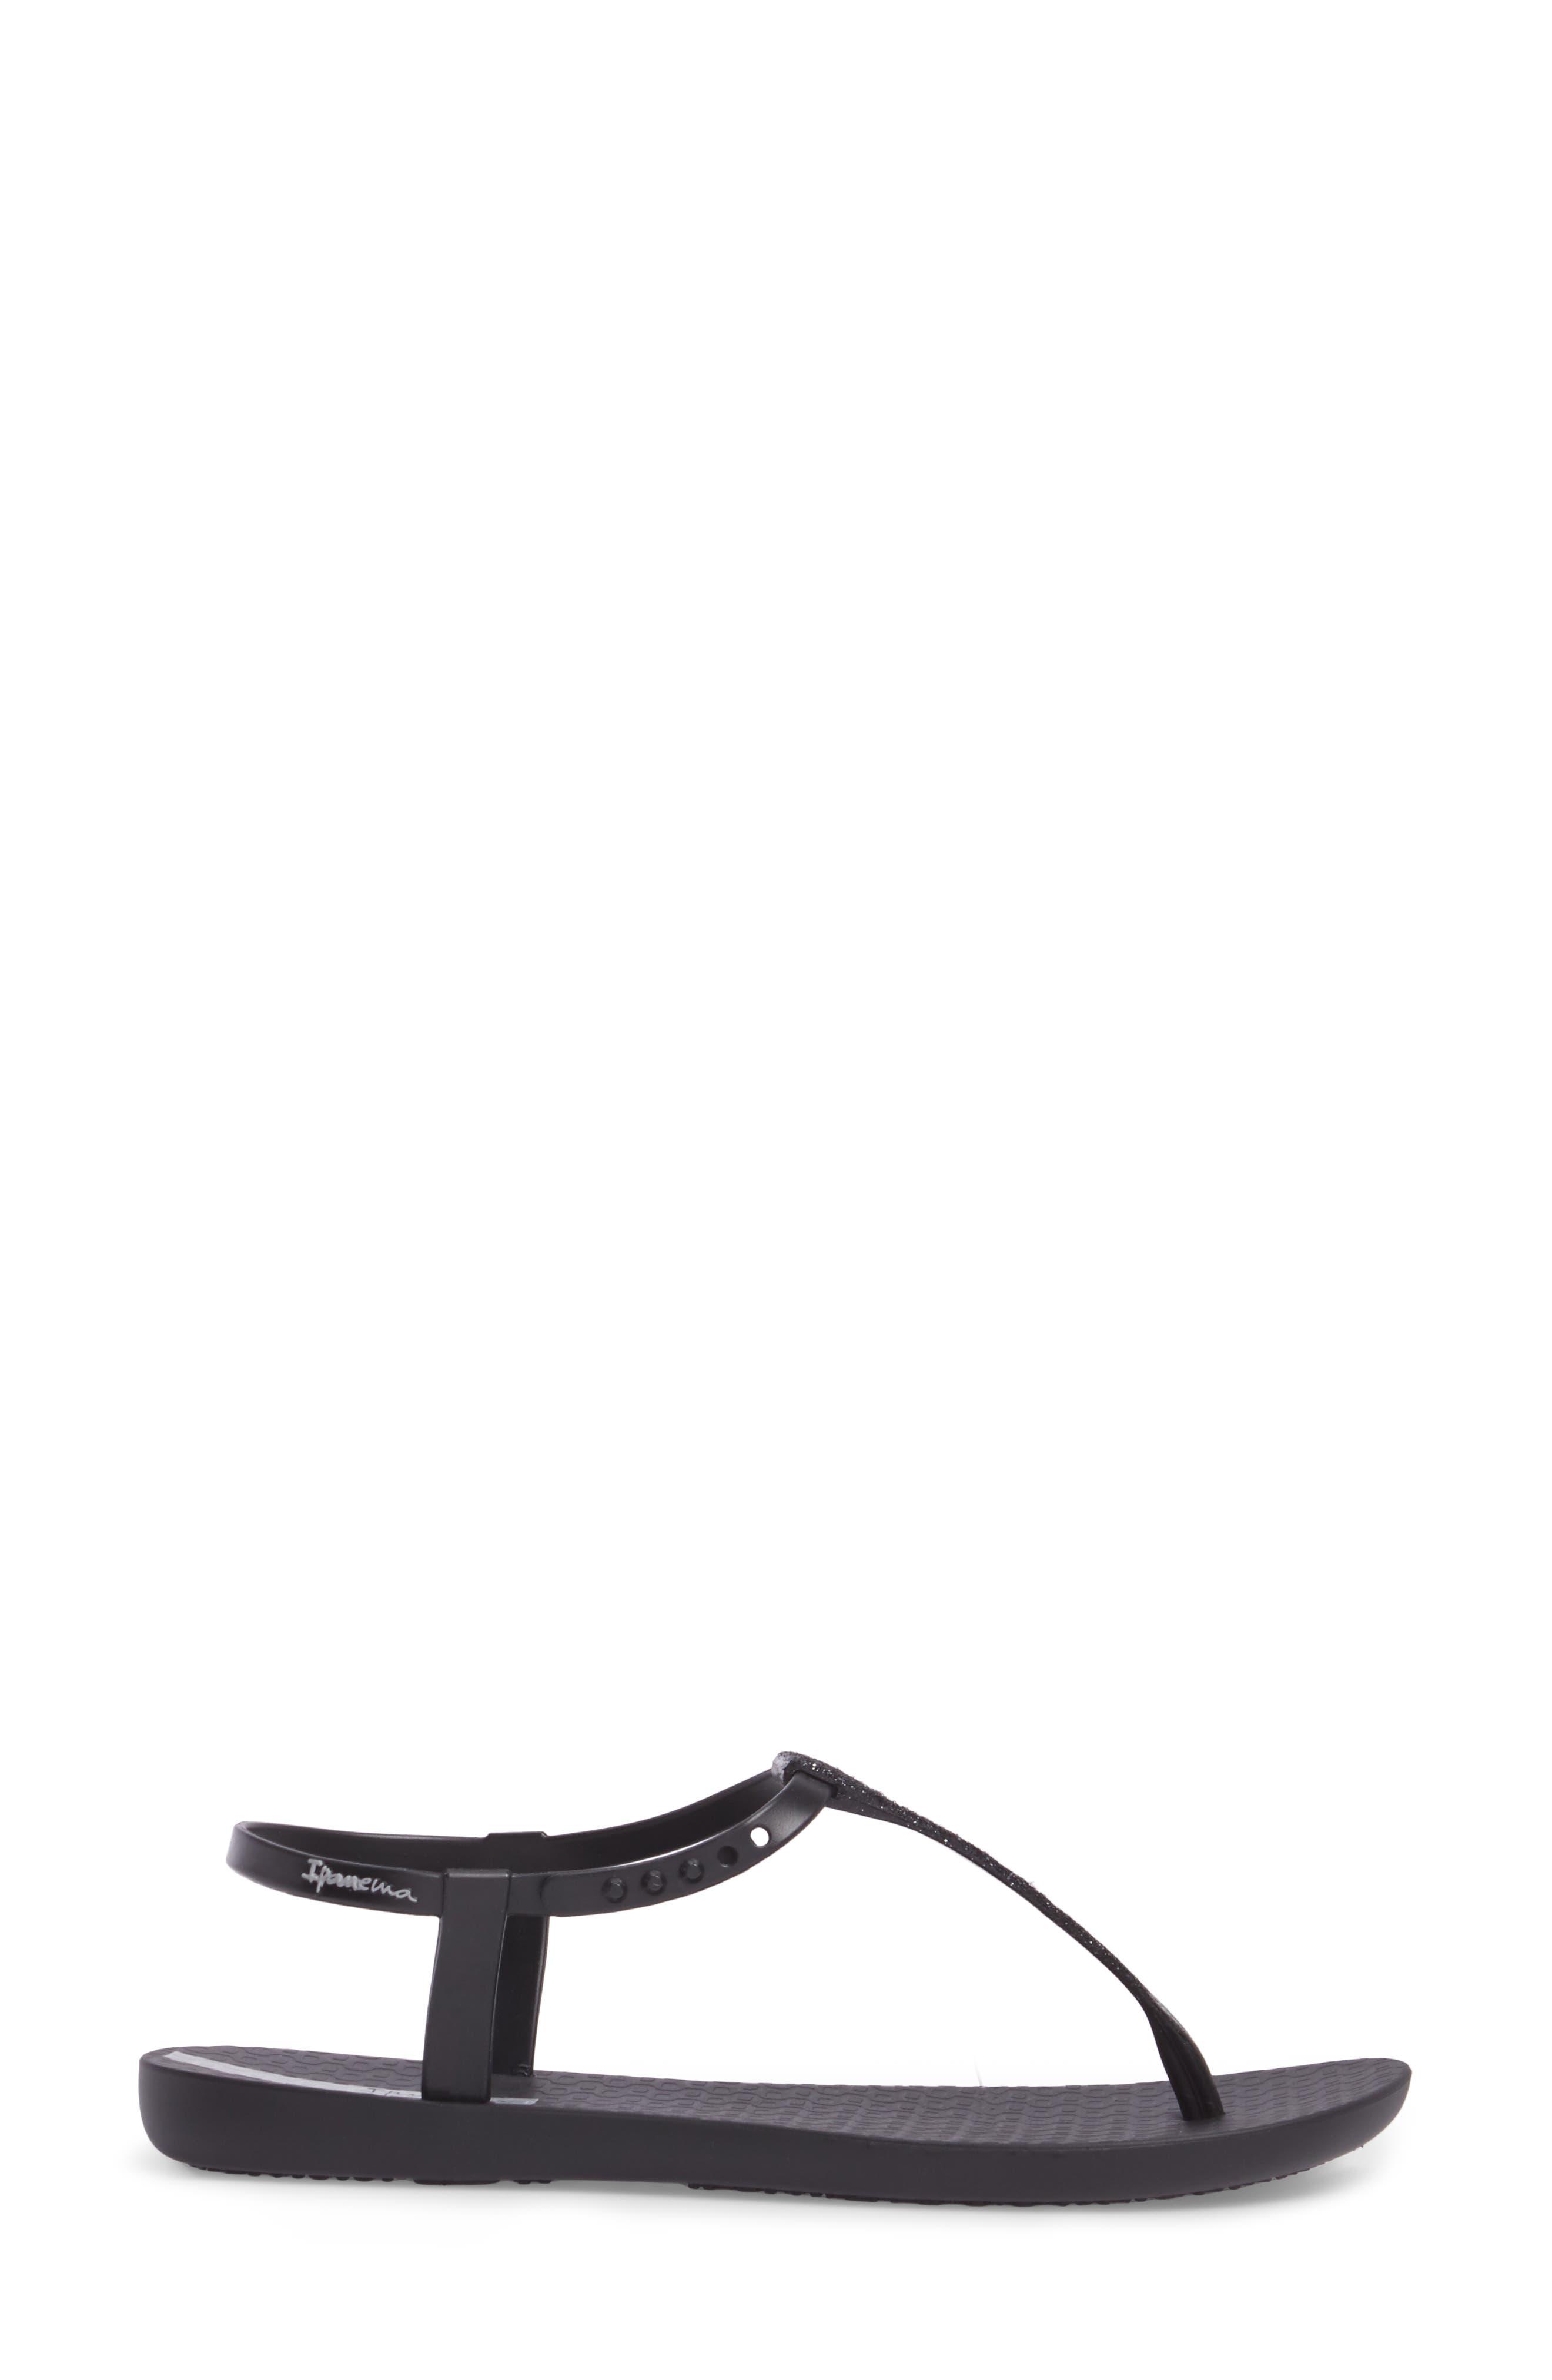 Shimmer Sandal,                             Alternate thumbnail 3, color,                             Black/ Black